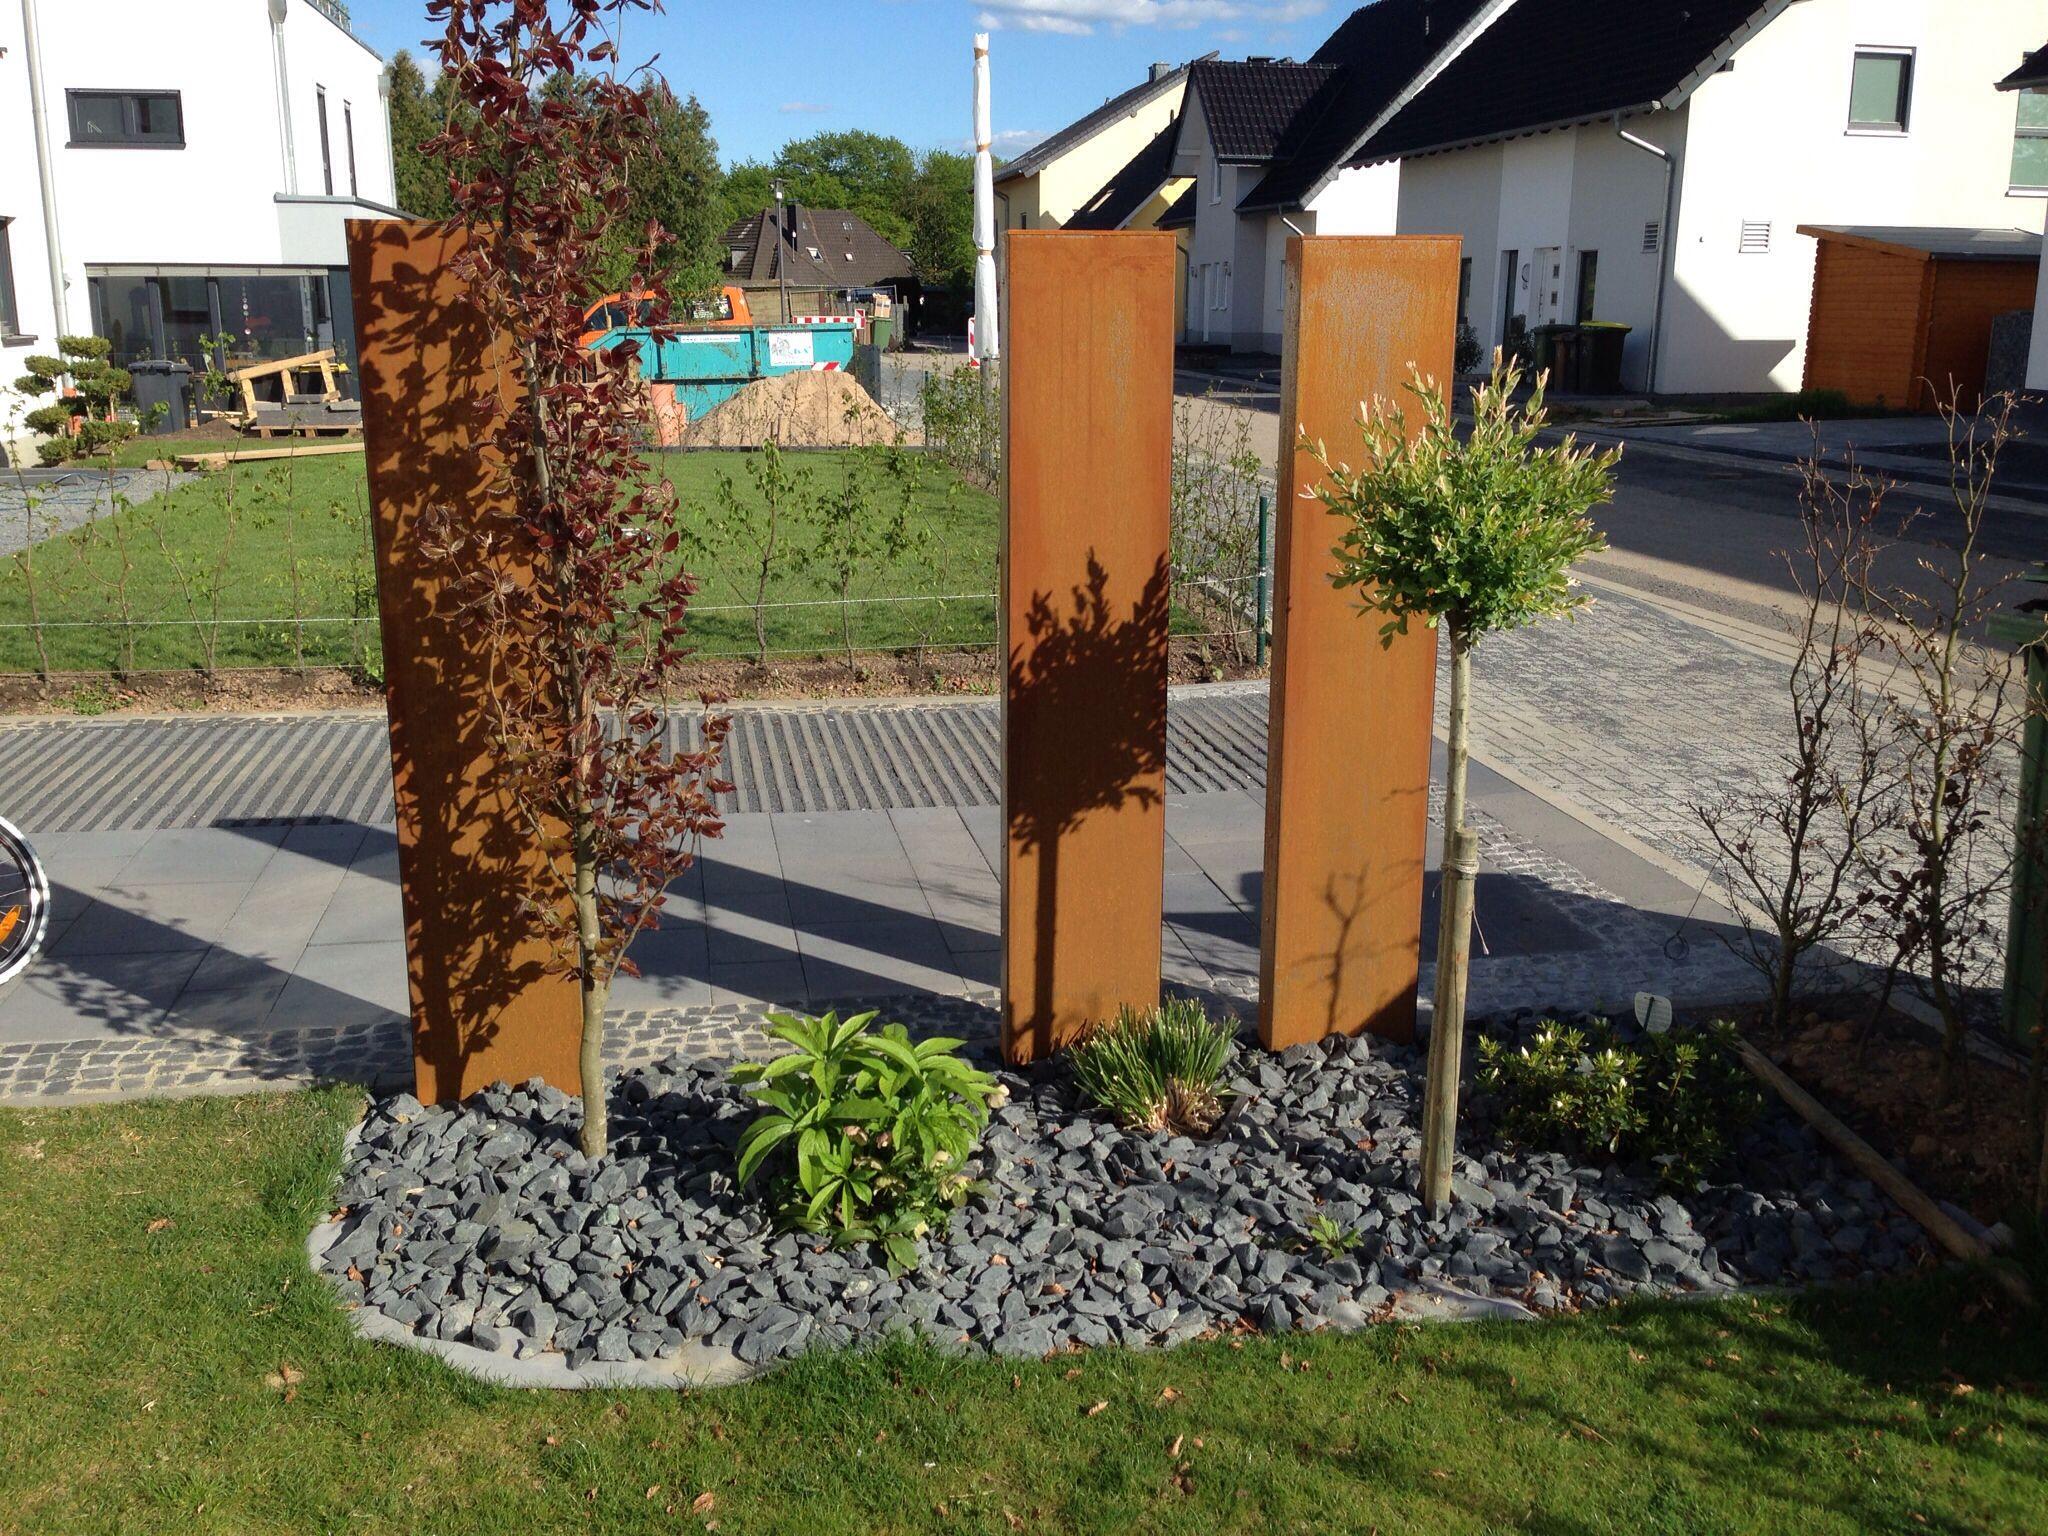 Stelen aus Cortenstahl Cortenstahl, Garten, Holz und stein